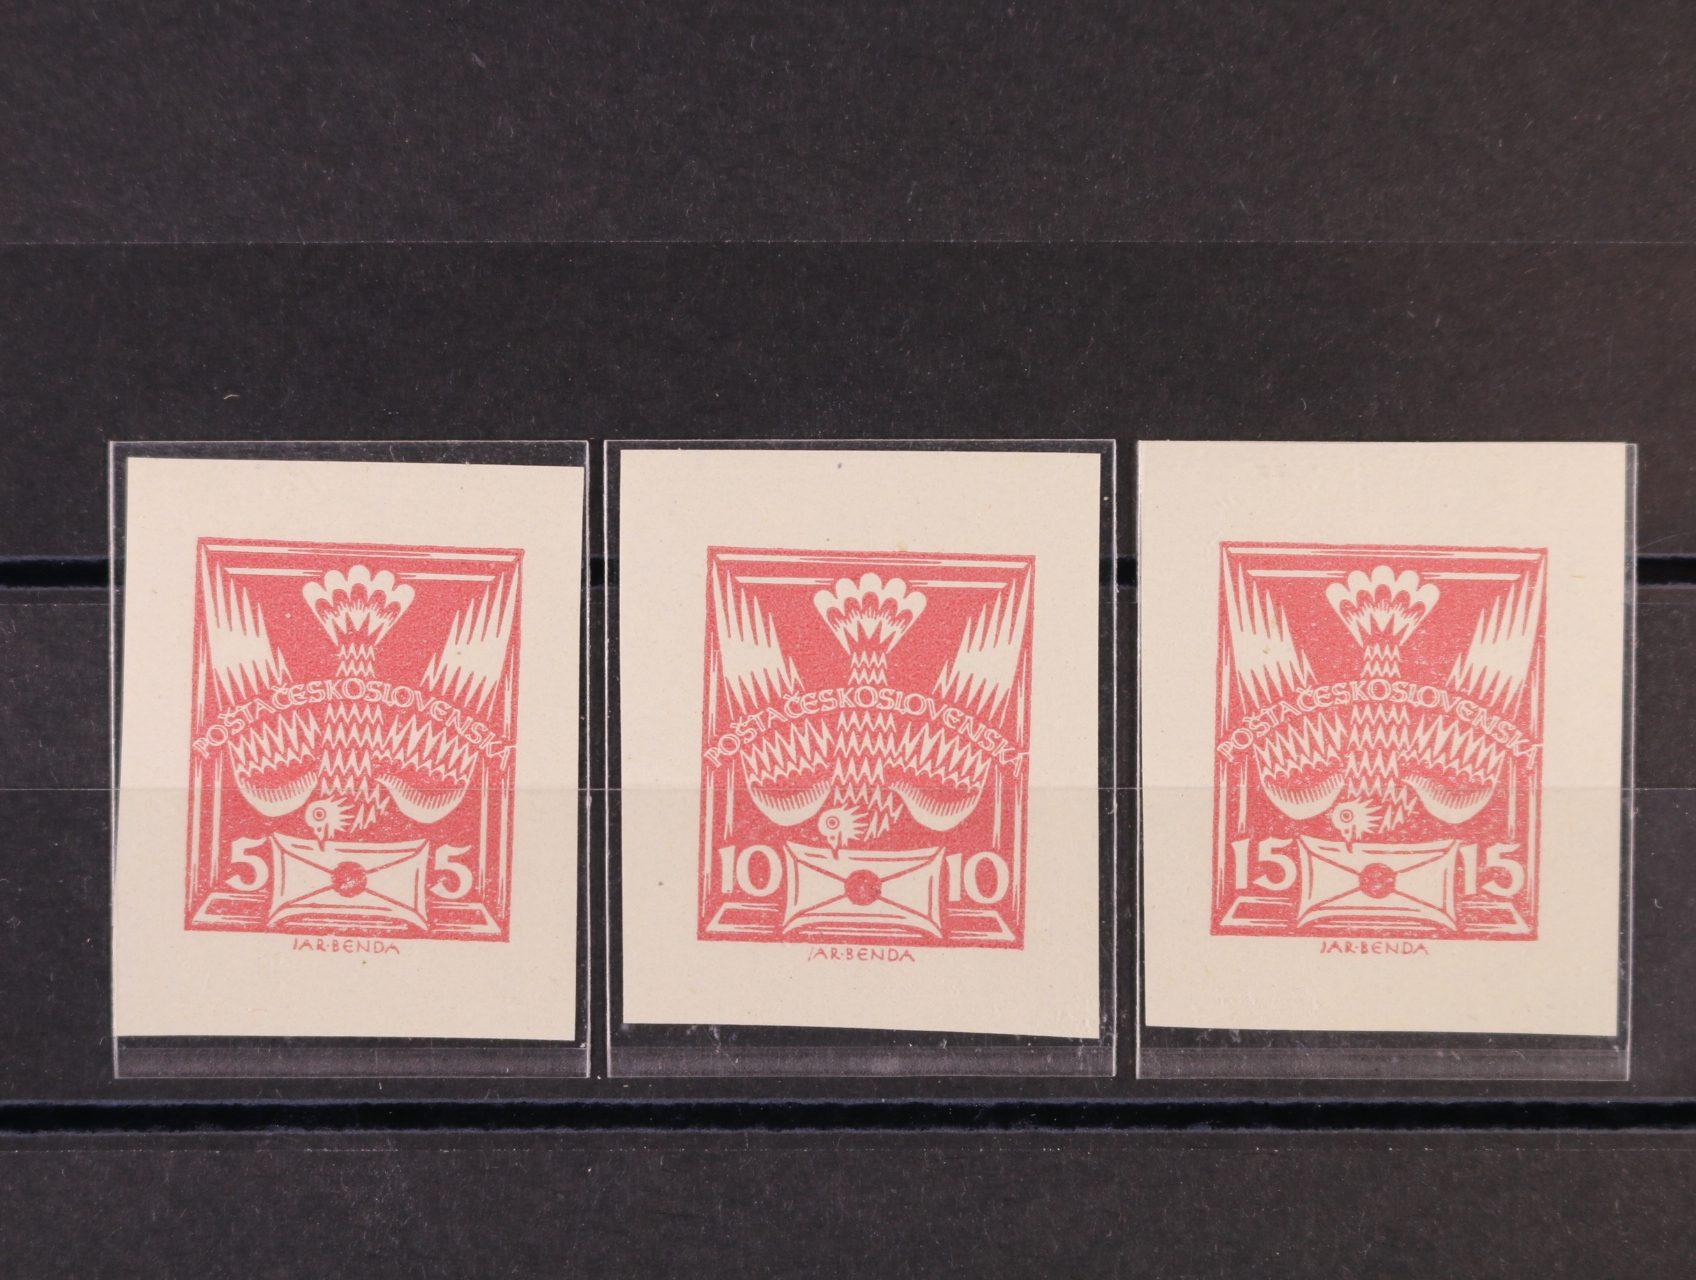 ZT 5, 10 a 20h v barvě červené (rozstříhaný soutisk)